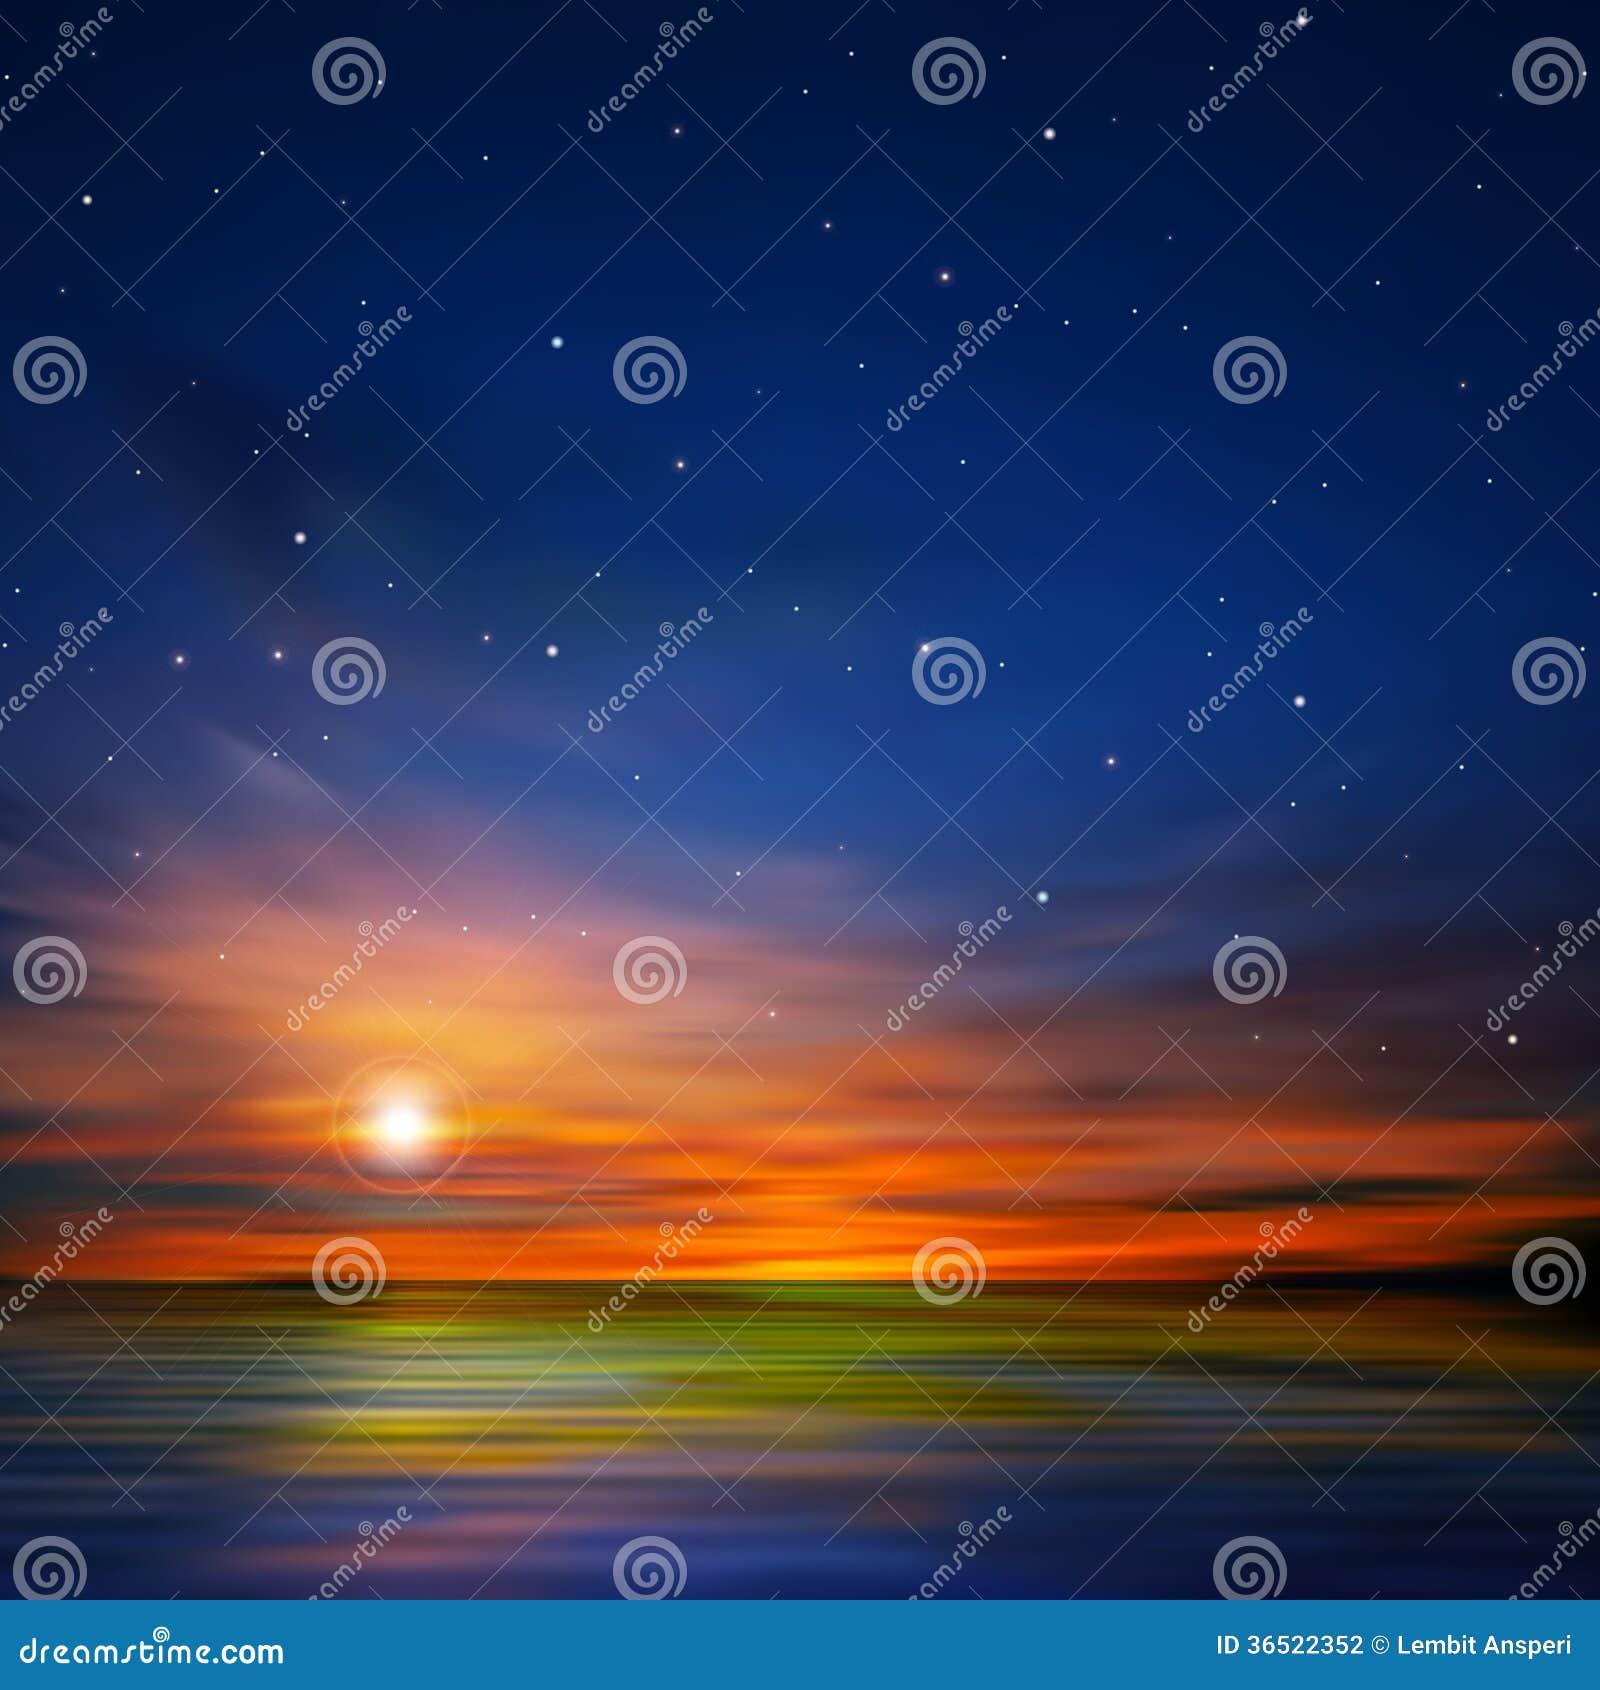 Abstracte achtergrond met overzeese zonsopgang